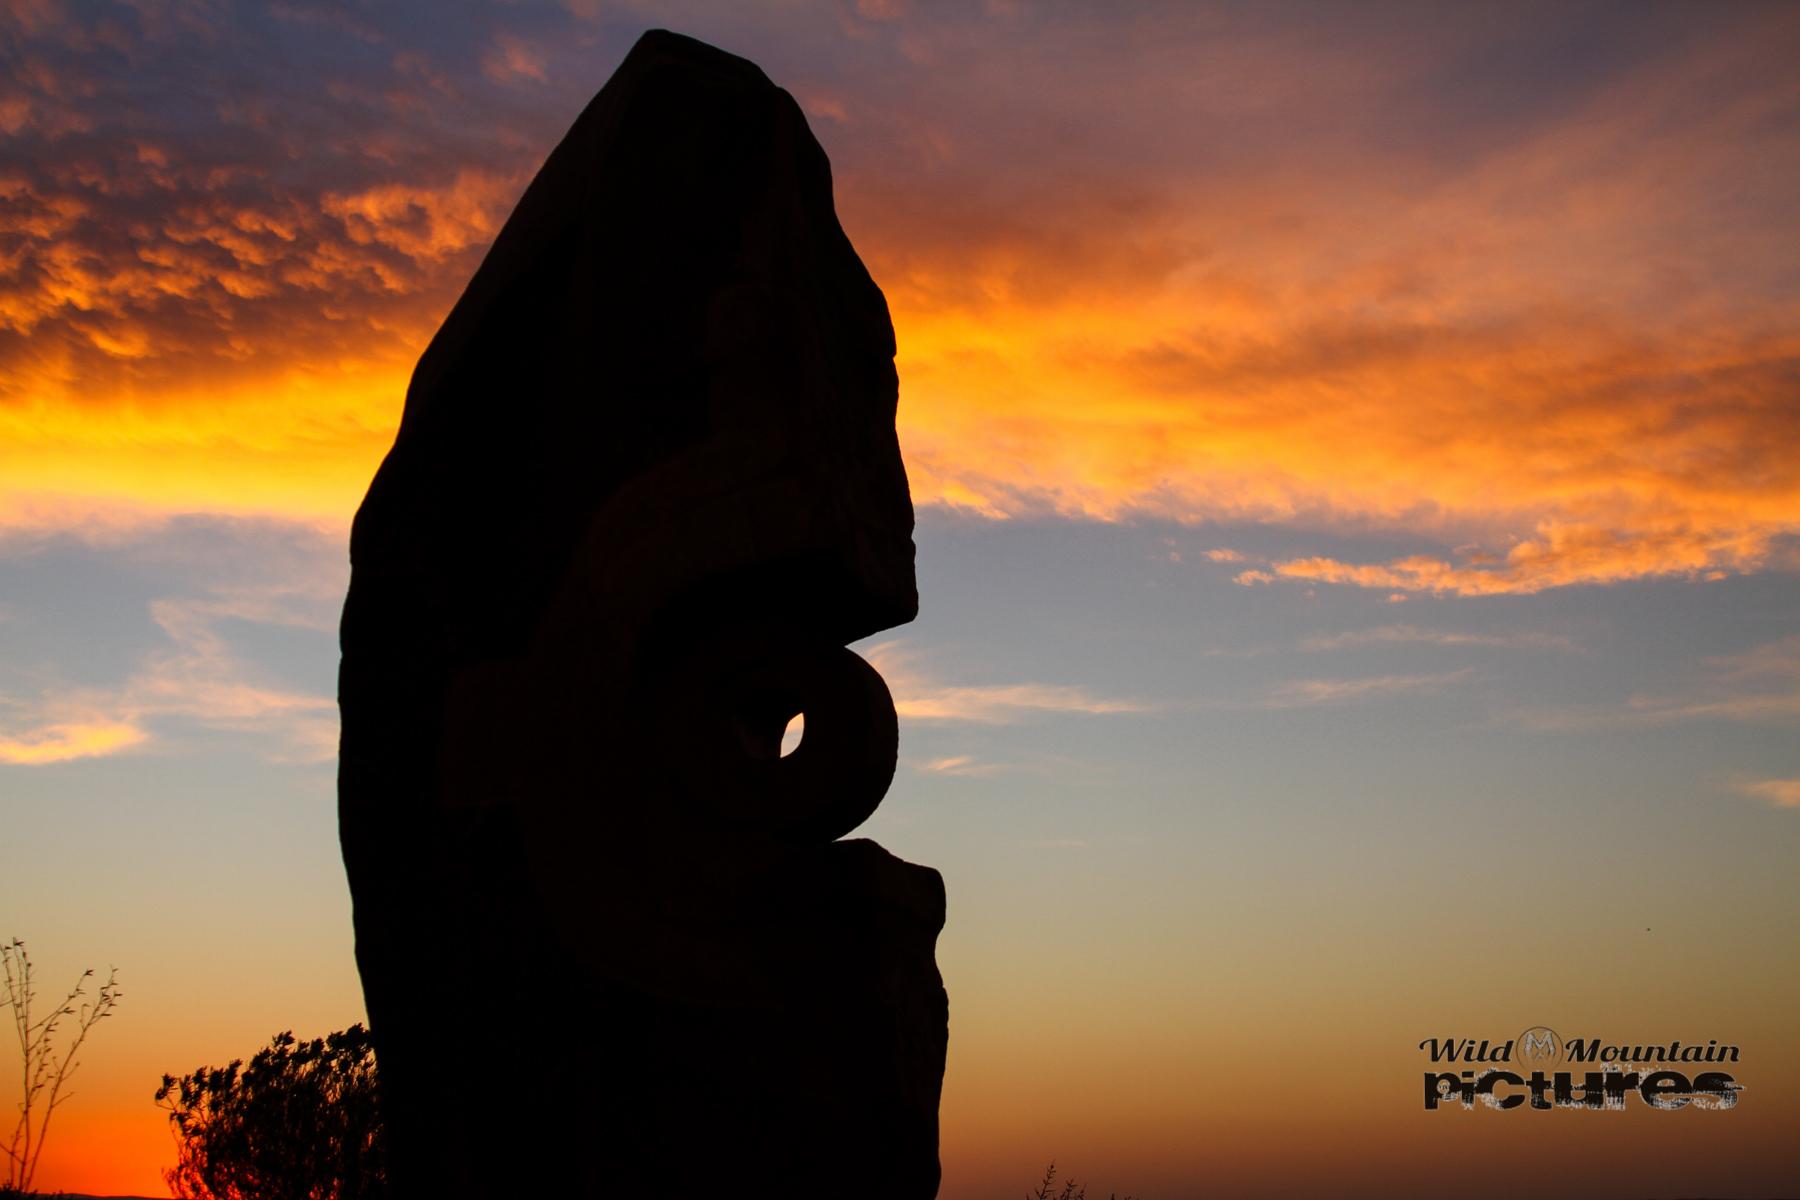 Skulptur At Sunset